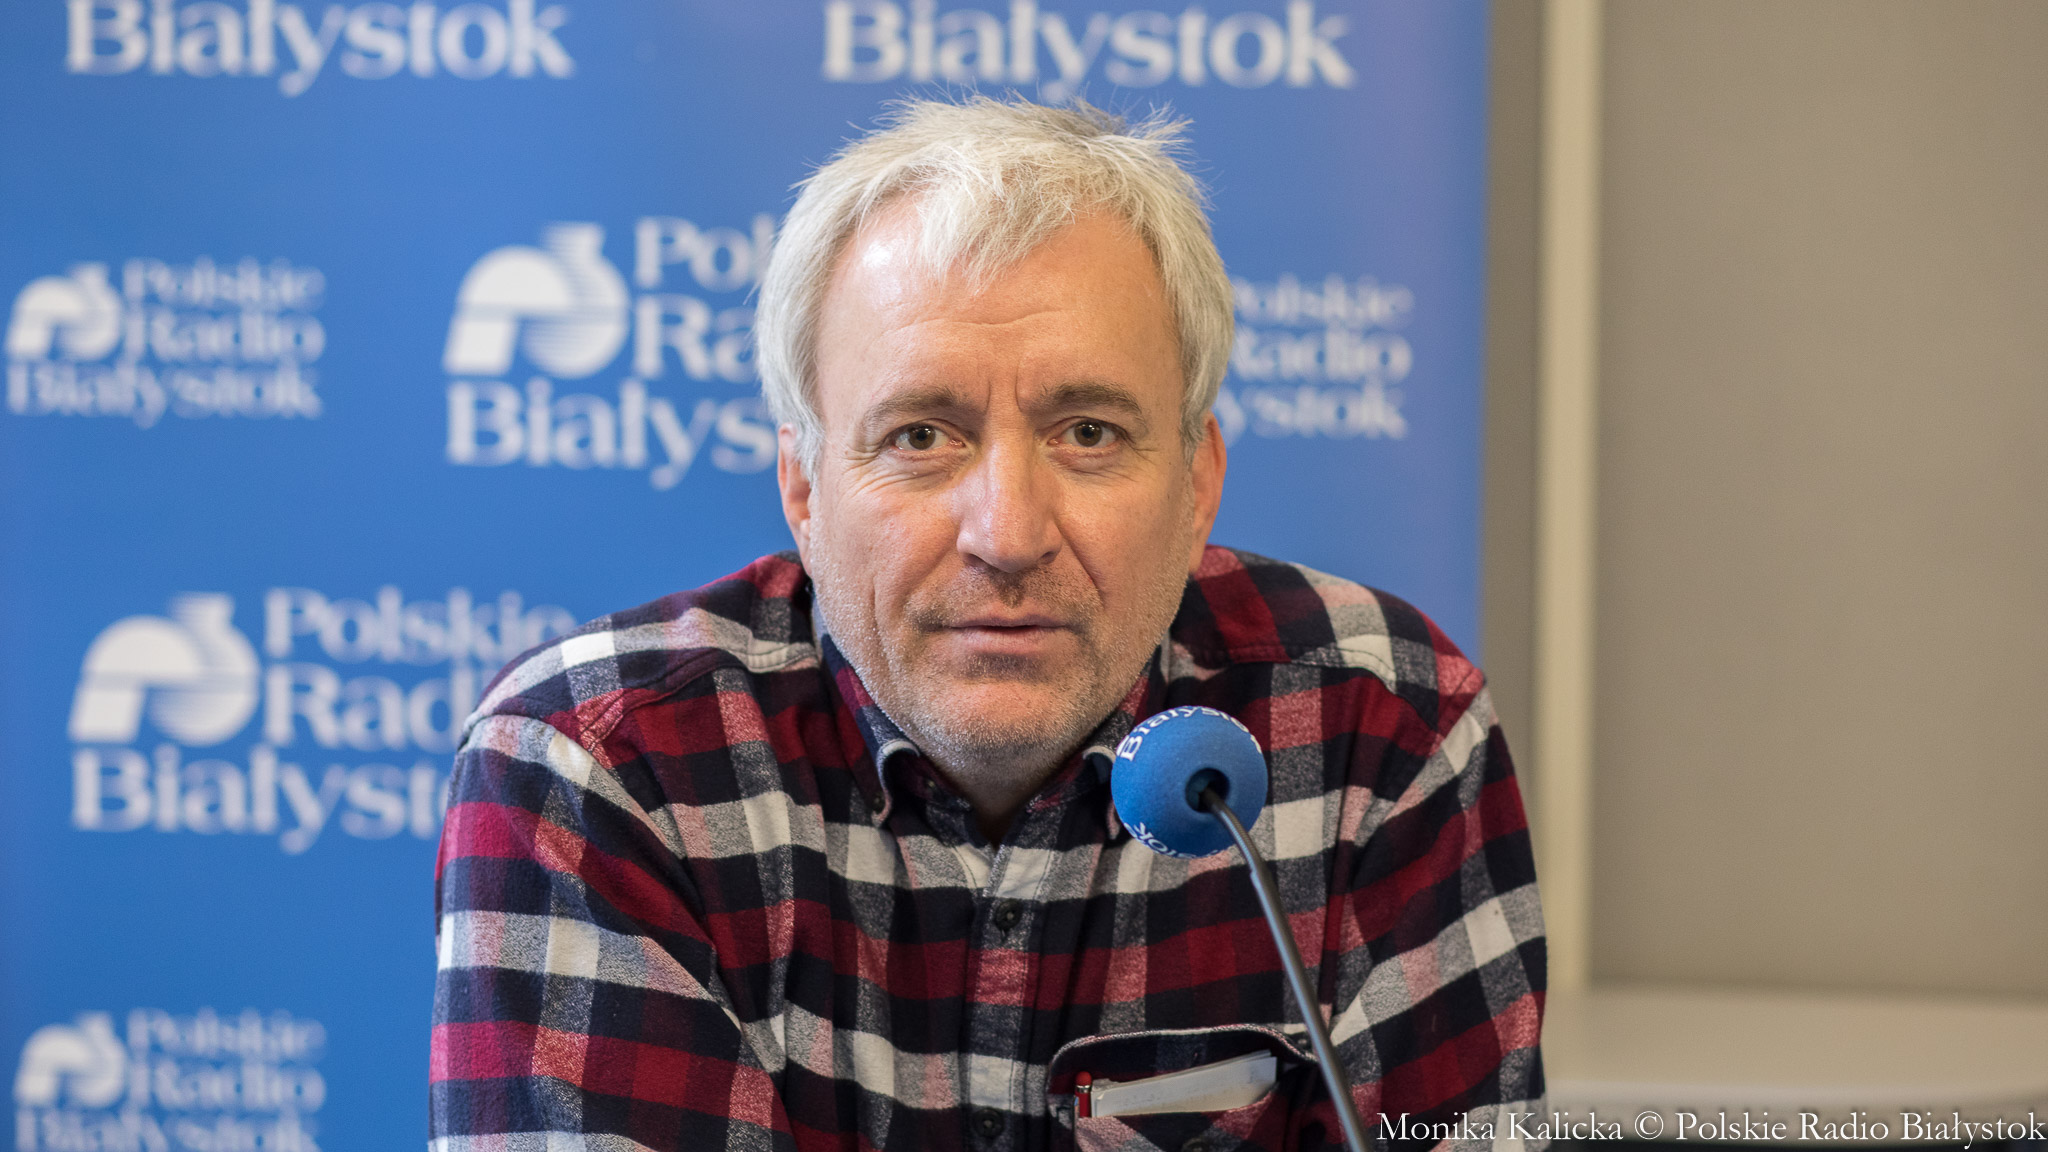 Evgen Malinowski, fot. Monika Kalicka